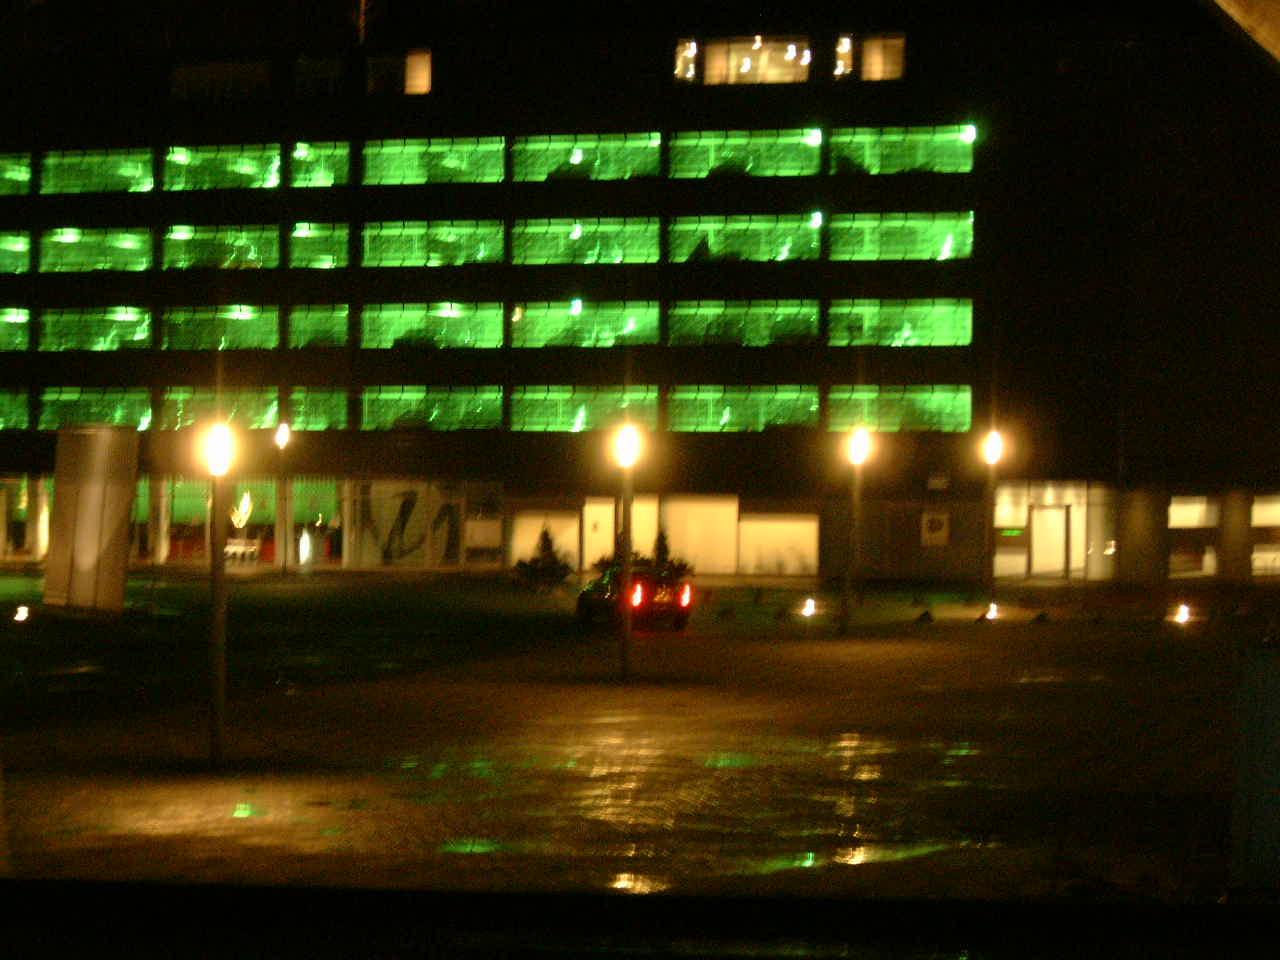 maartent dark evening lights dusk nighttime city parking lot